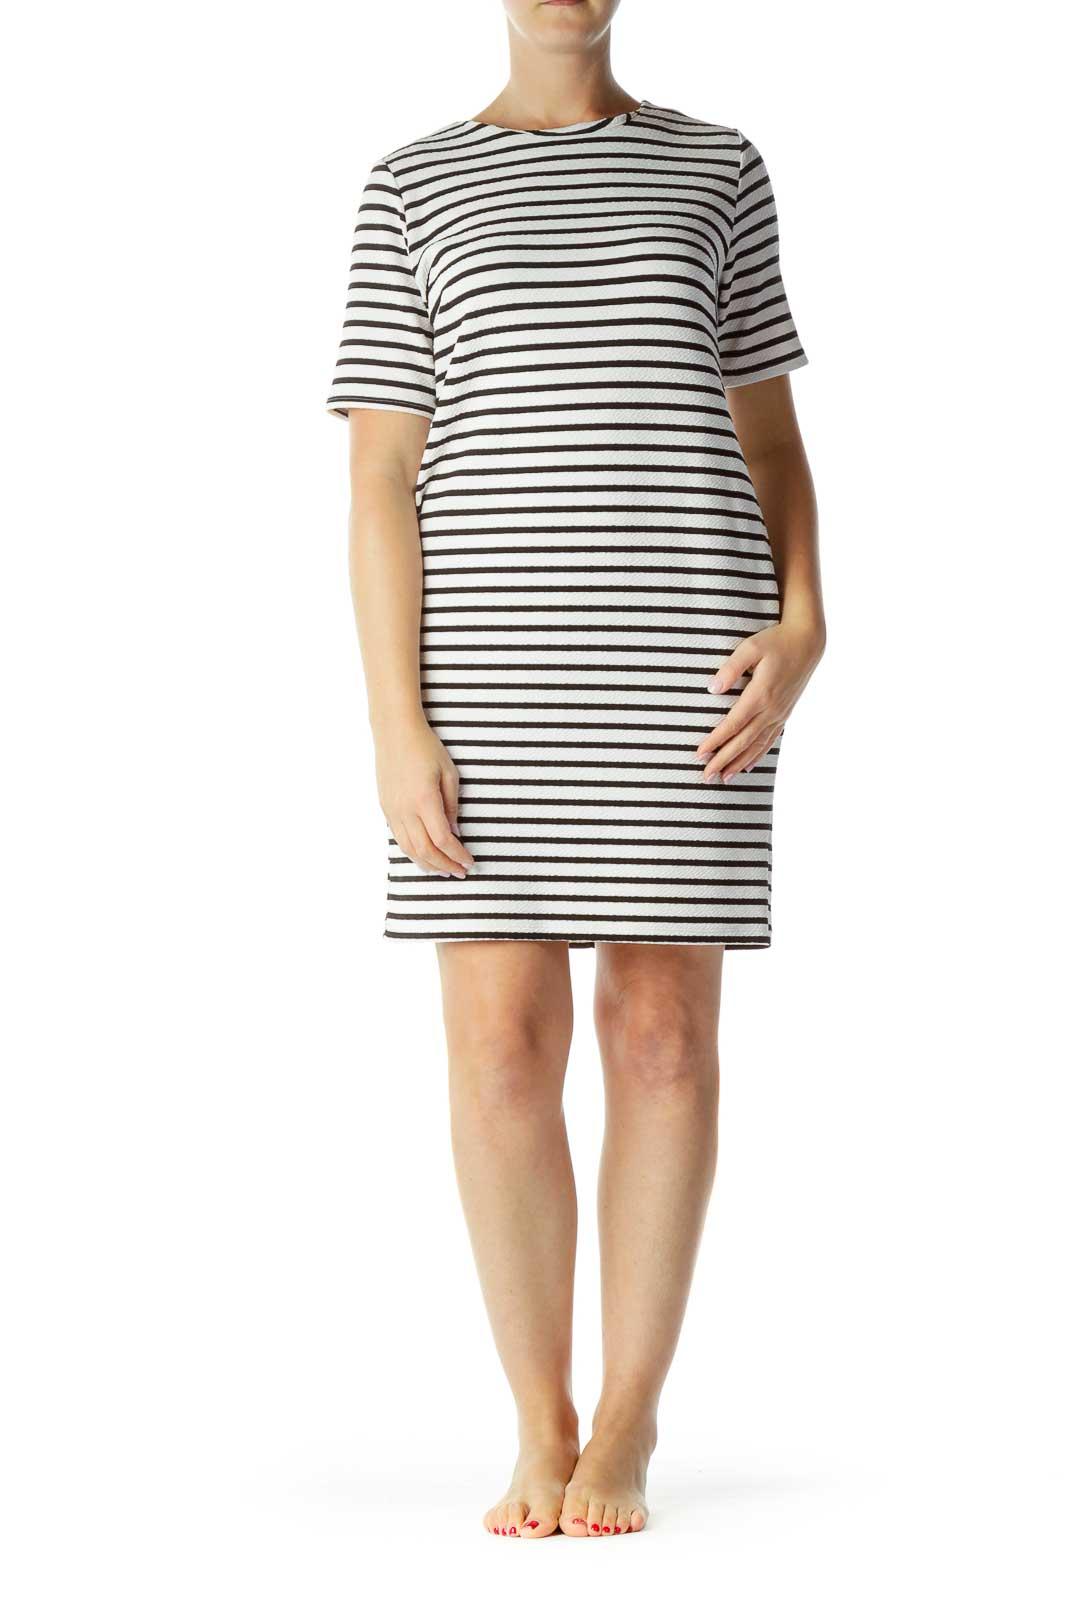 White Black Striped Day Dress